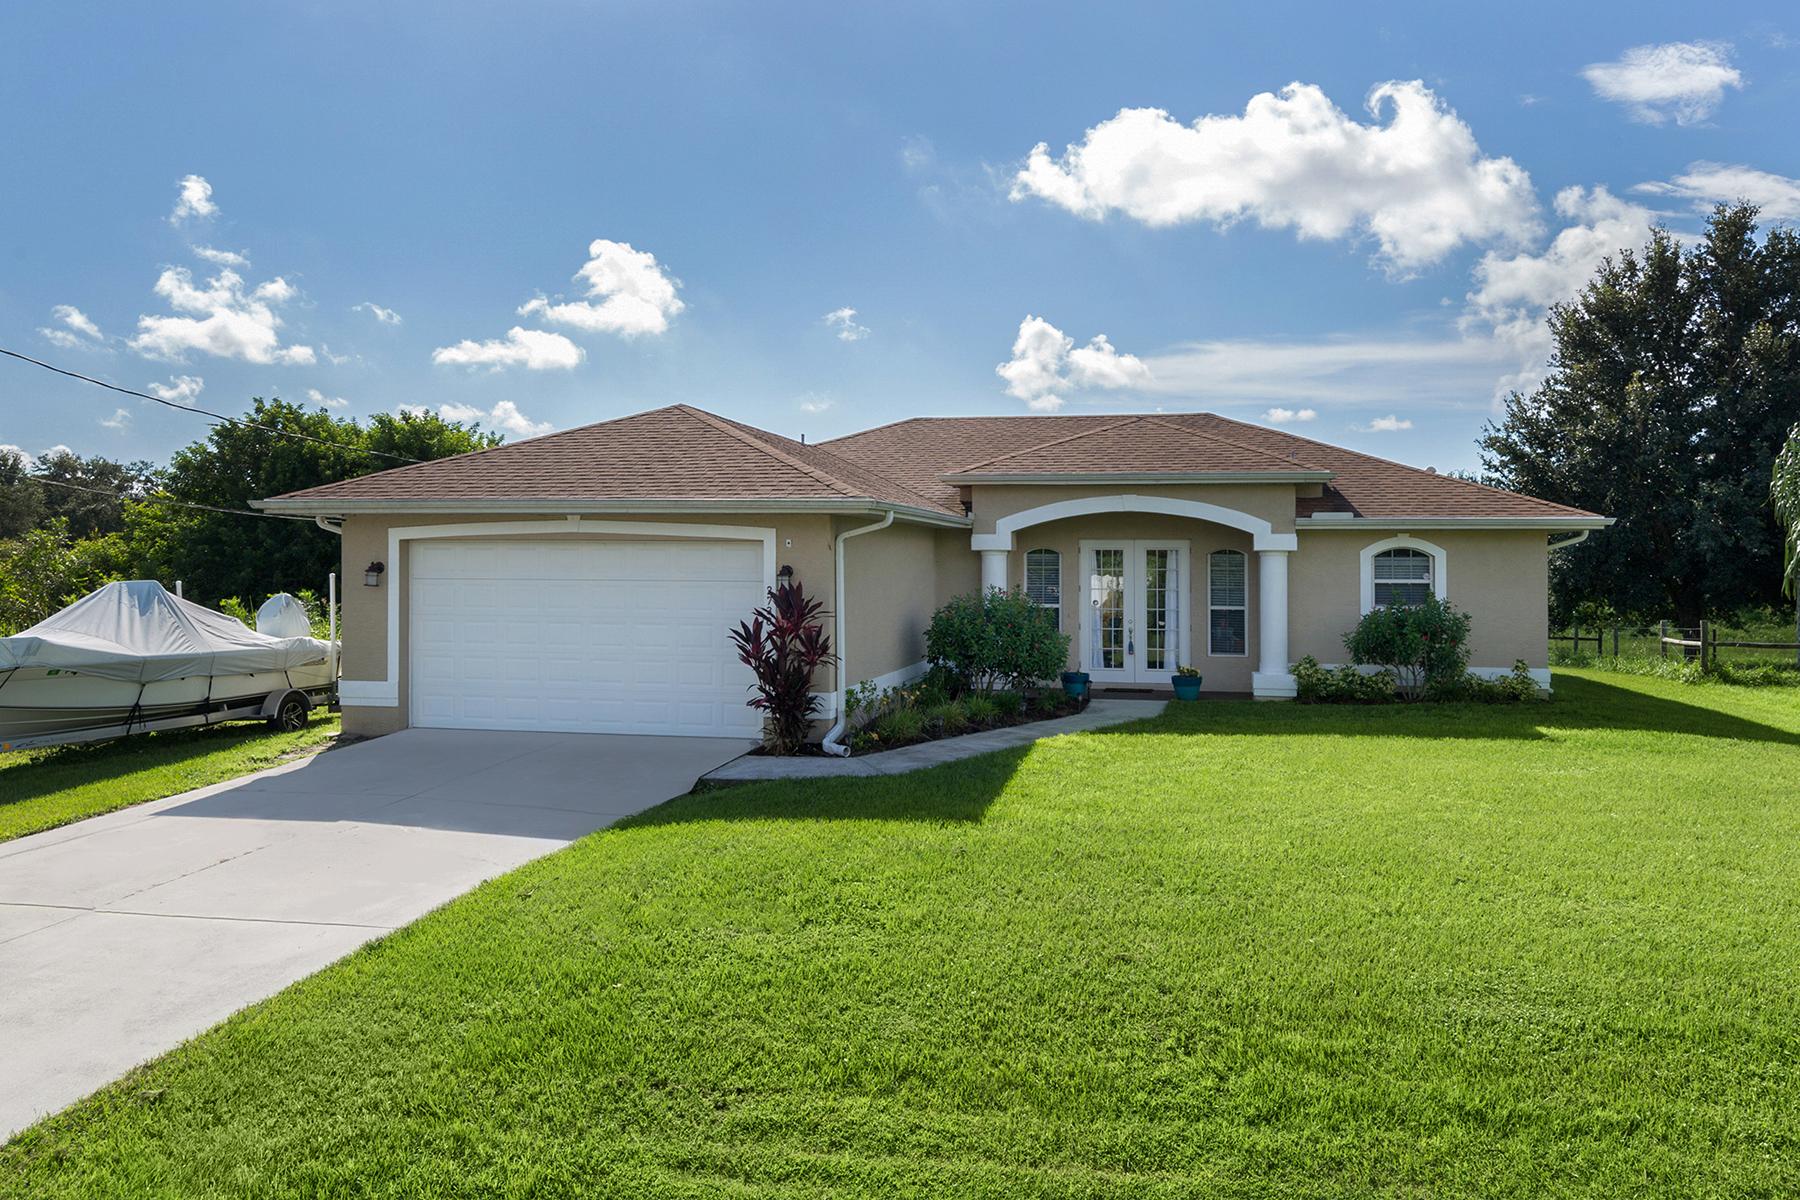 一戸建て のために 売買 アット NORTH PORT 2730 Embassy Rd North Port, フロリダ 34291 アメリカ合衆国